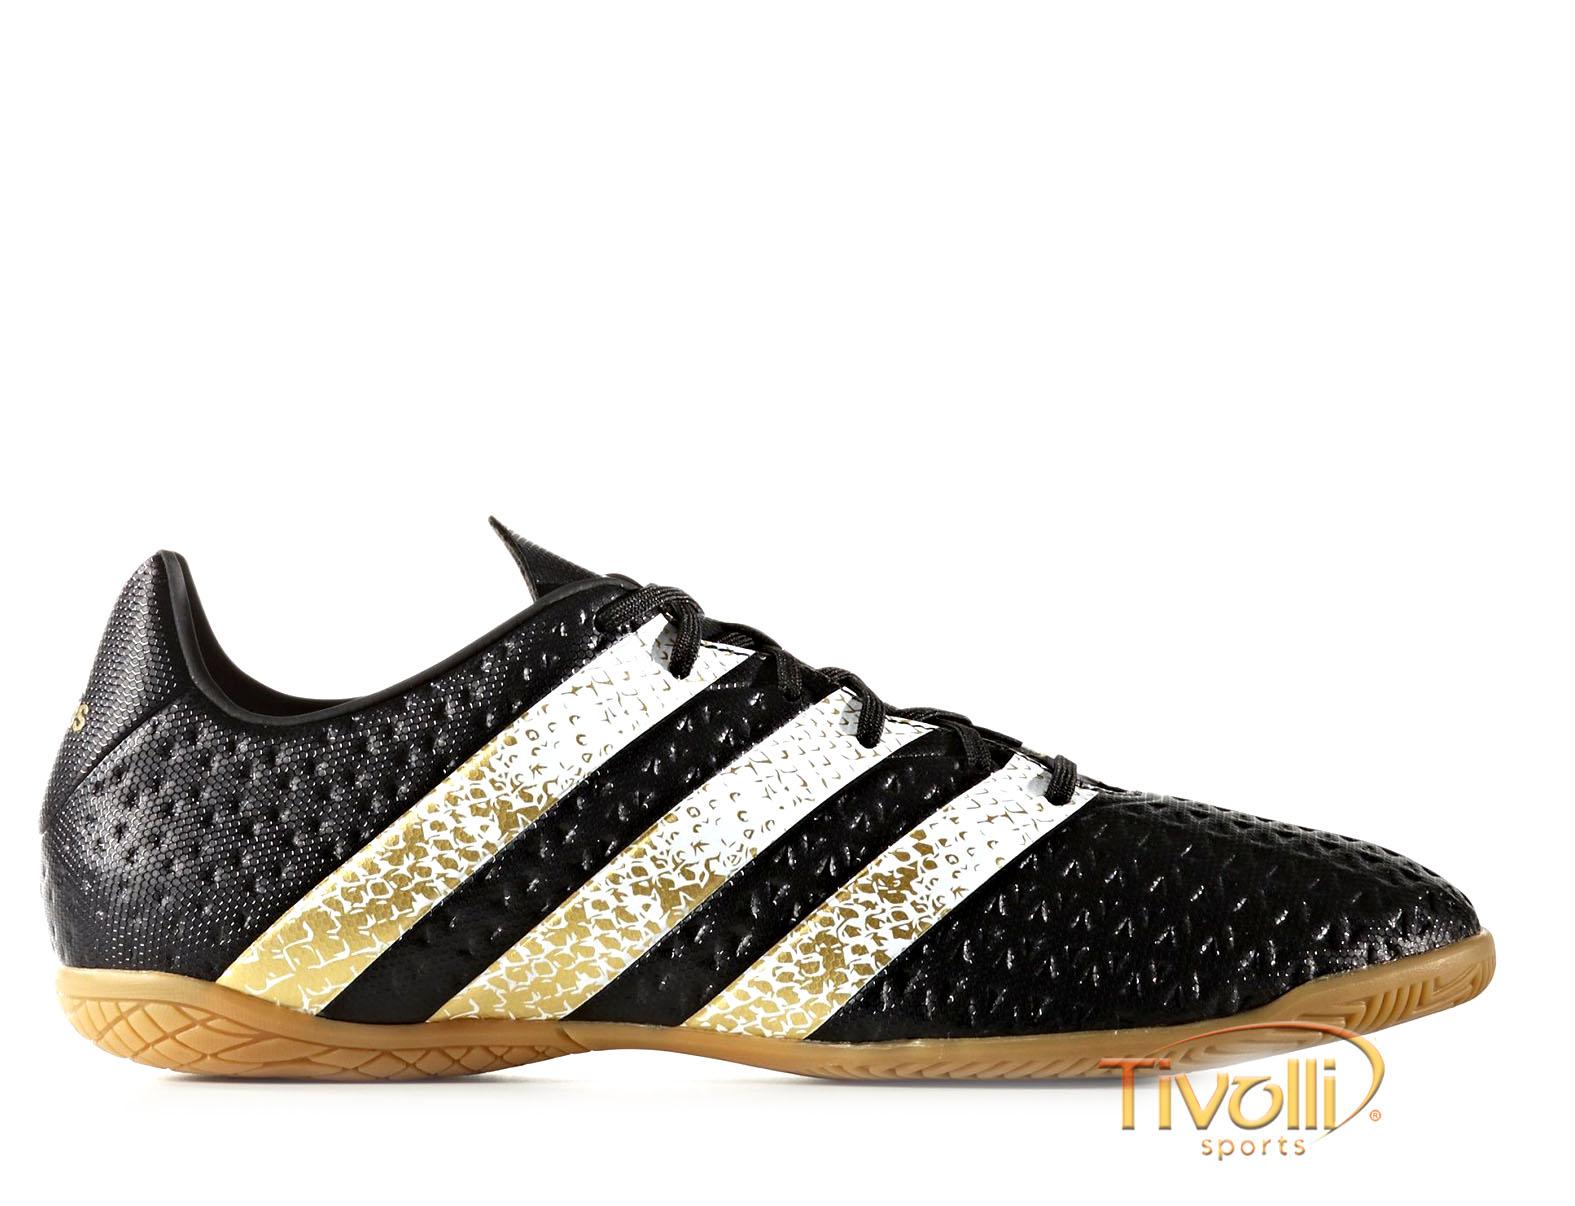 80cec561318dc Chuteira Adidas Ace 16.4 IC Futsal